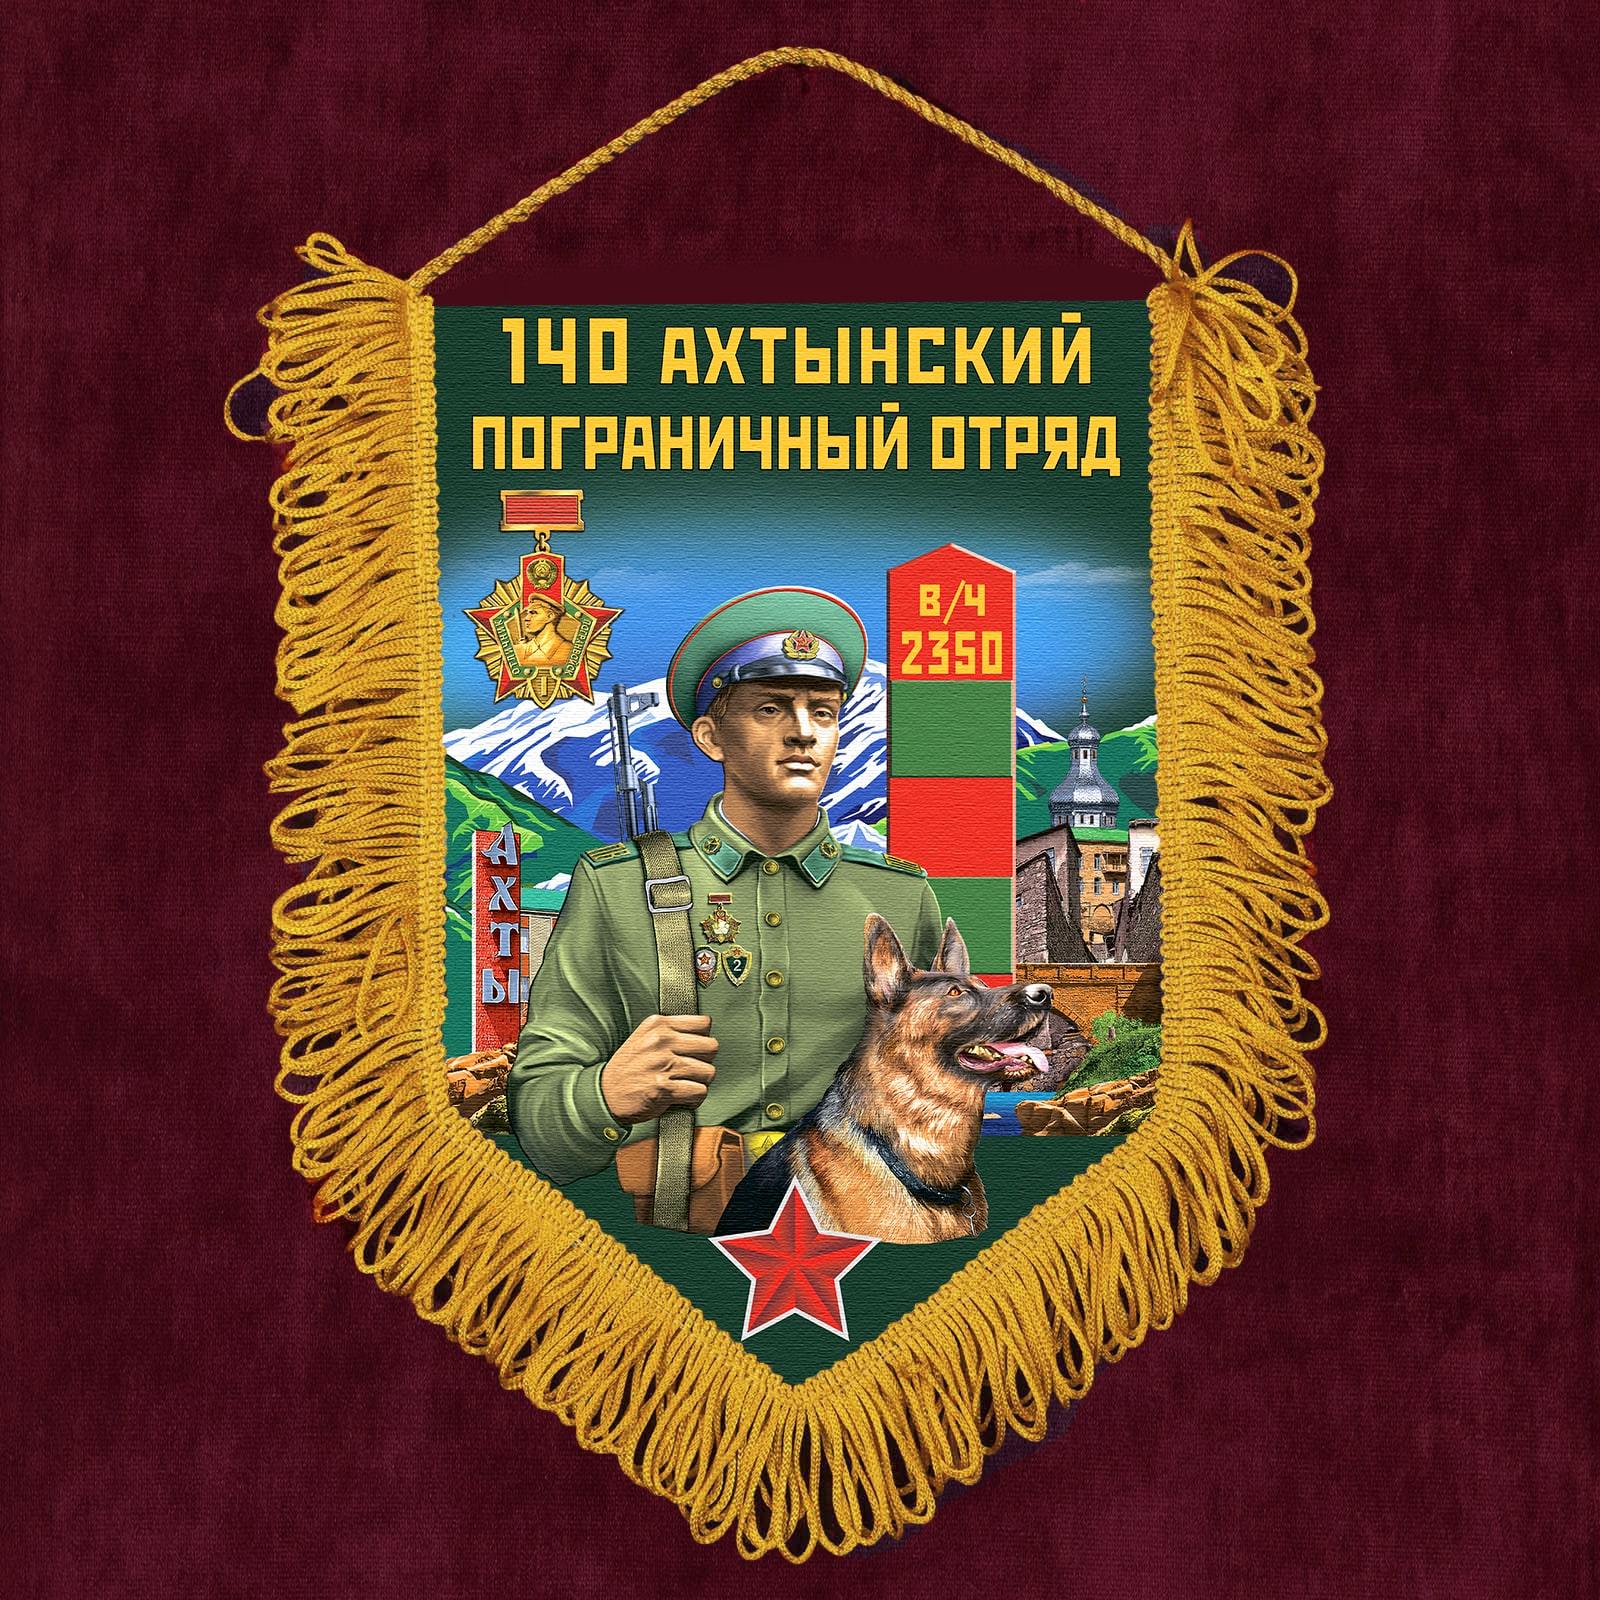 """Настенный вымпел """"140 Ахтынский пограничный отряд"""""""